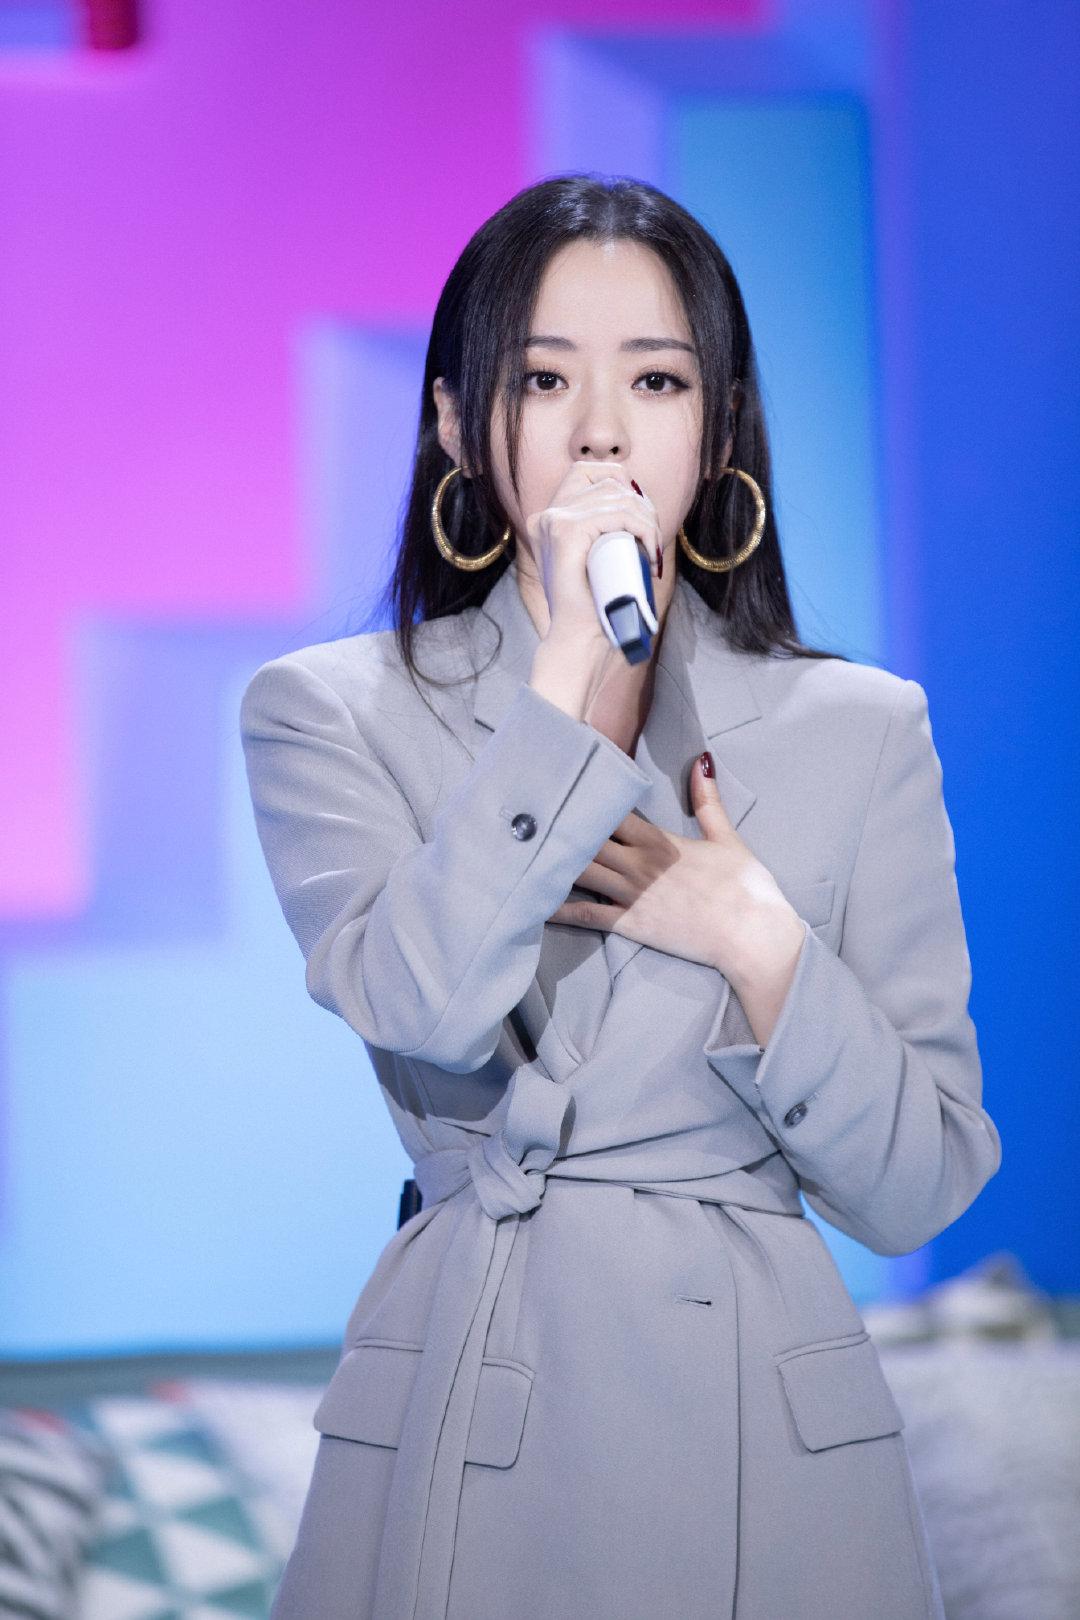 张靓颖《中国新说唱》唱自身经历,卡其色西装彰显气质,知性迷人